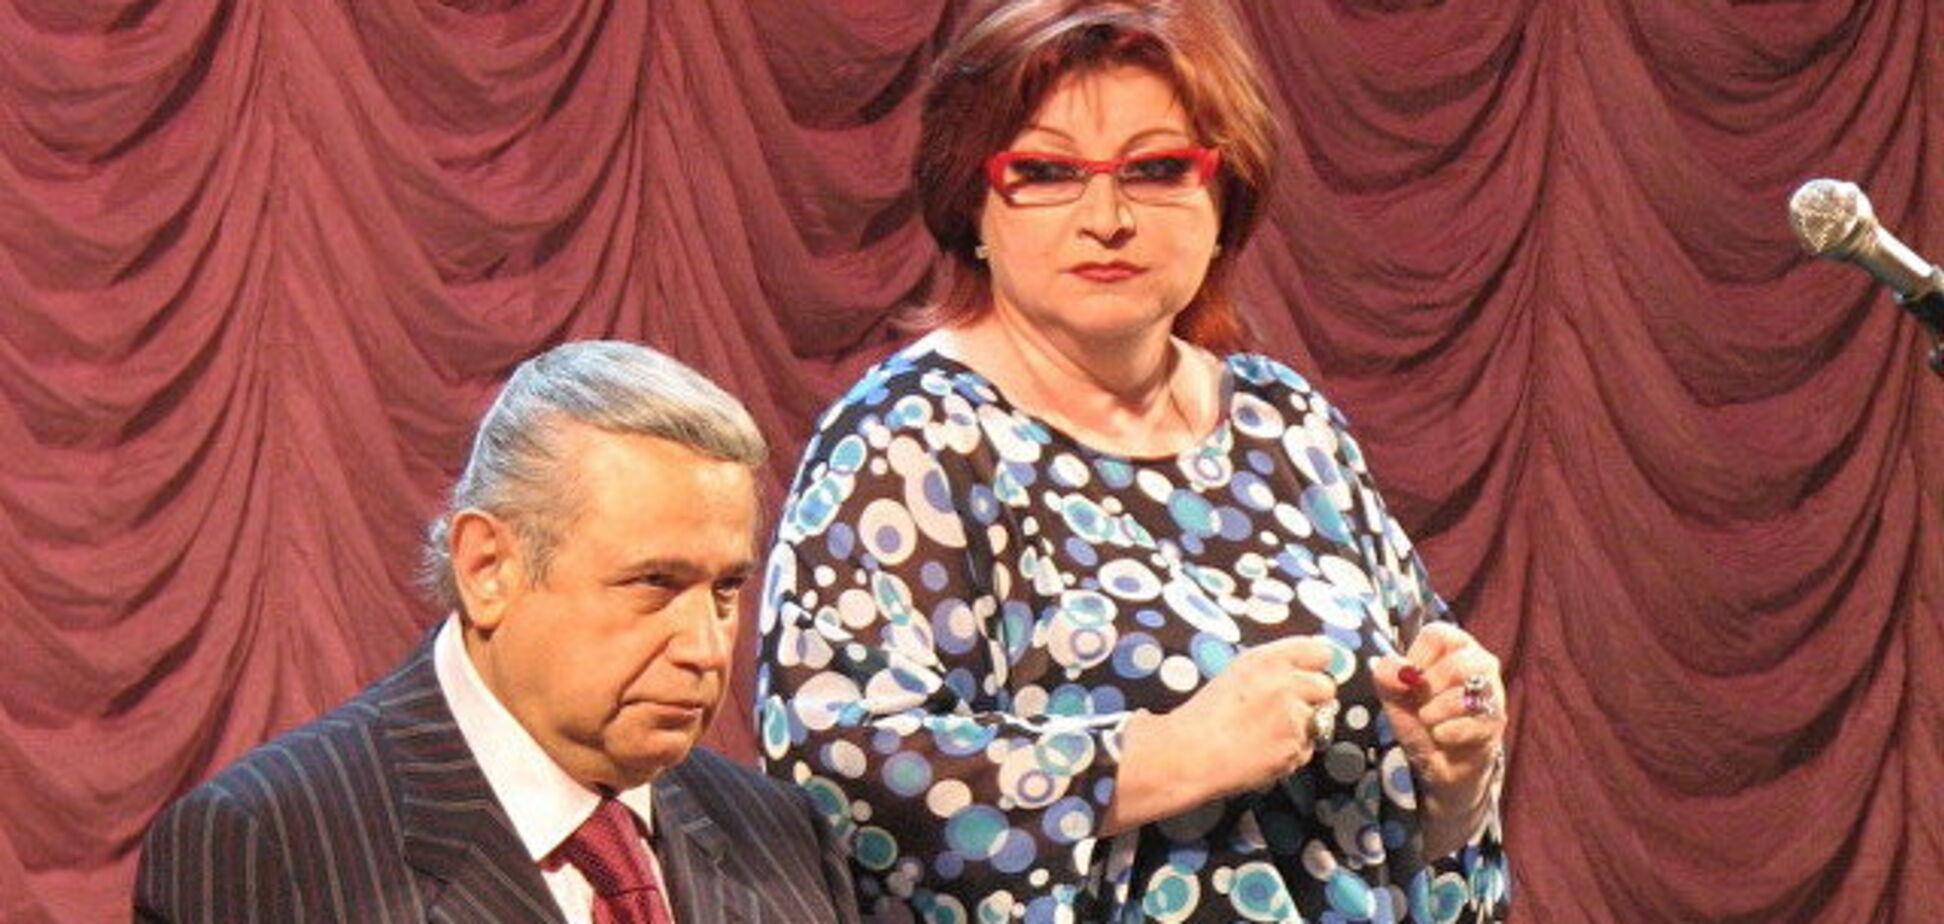 Развод Петросяна и Степаненко: стало известно об аппетитах обманутой юмористки